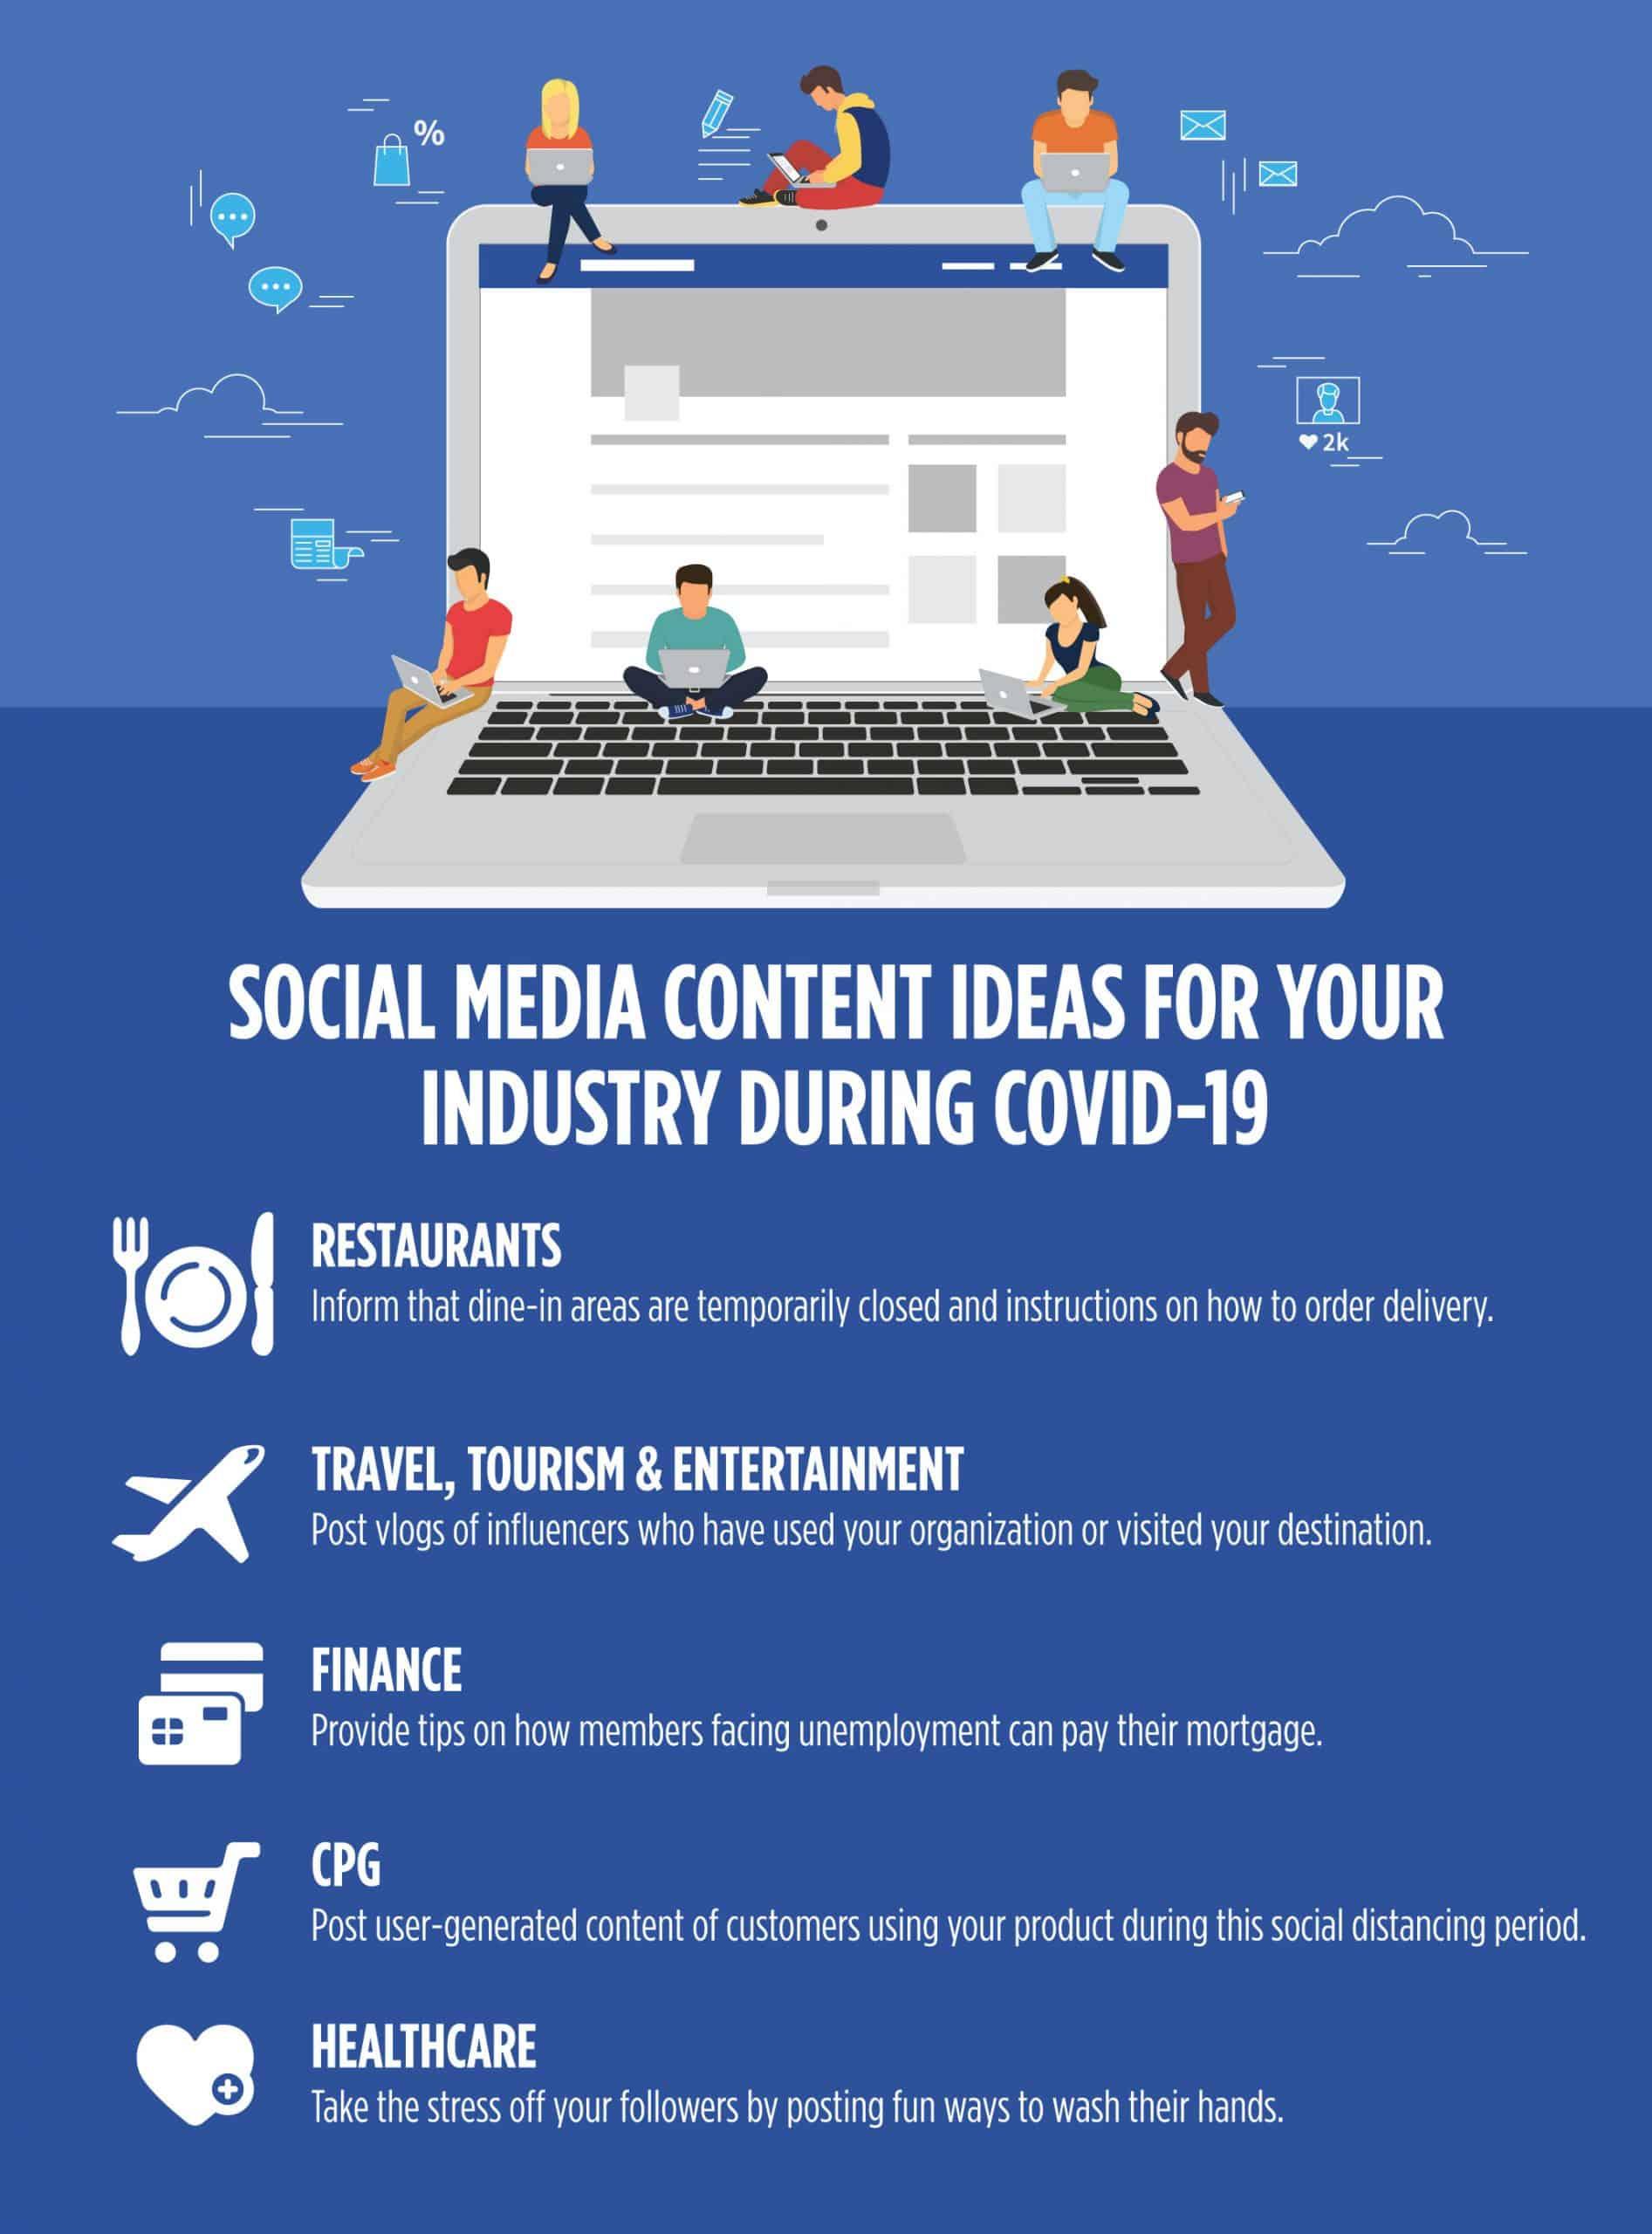 COVID-19 Content Ideas